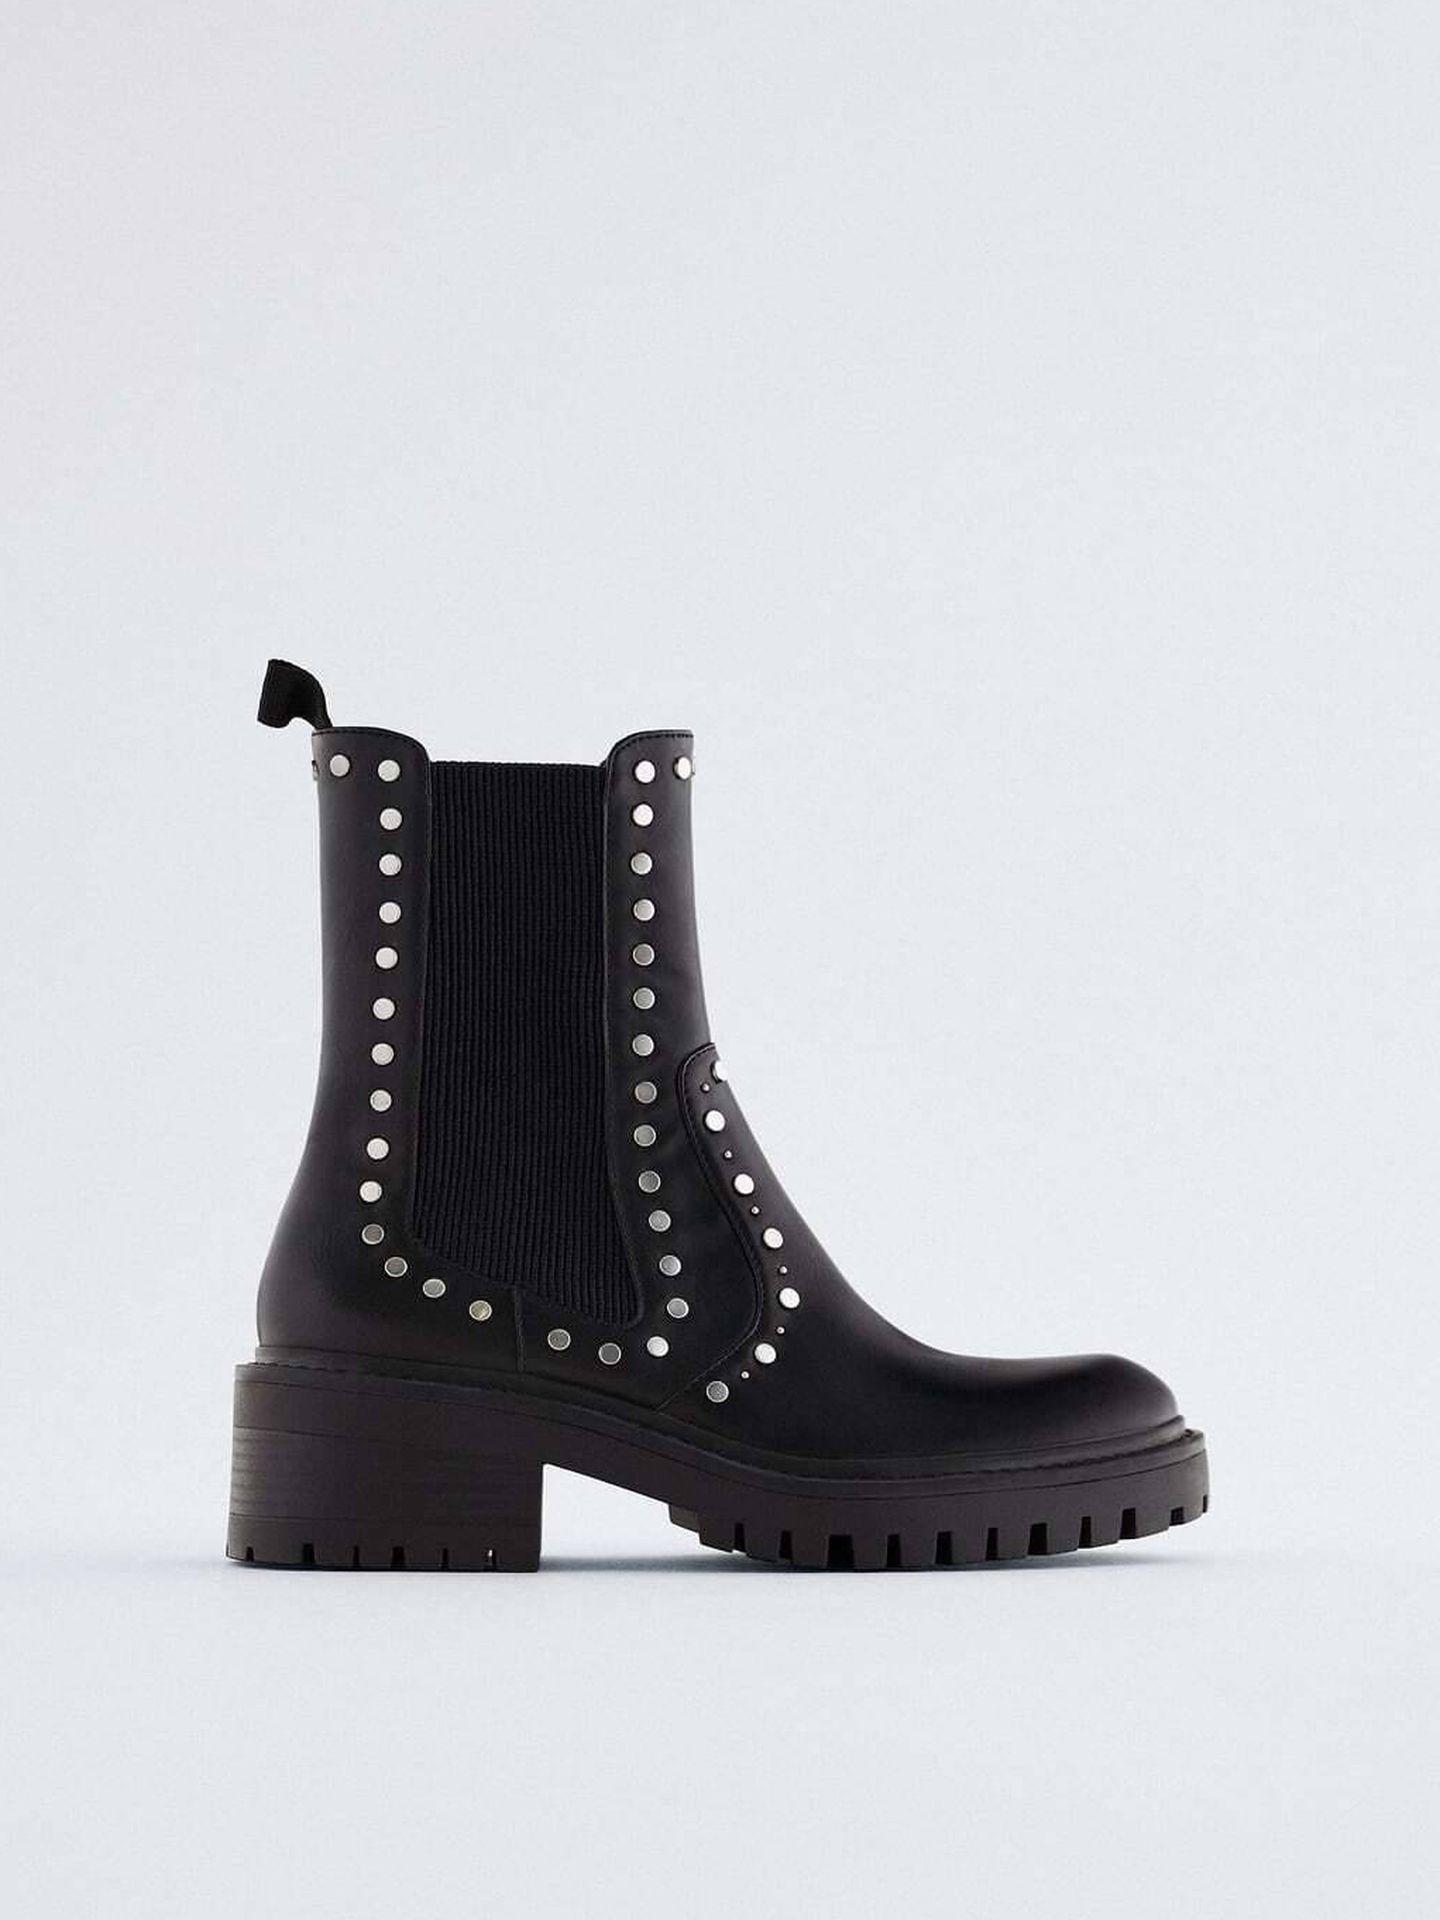 Los botines de Zara. (Cortesía)